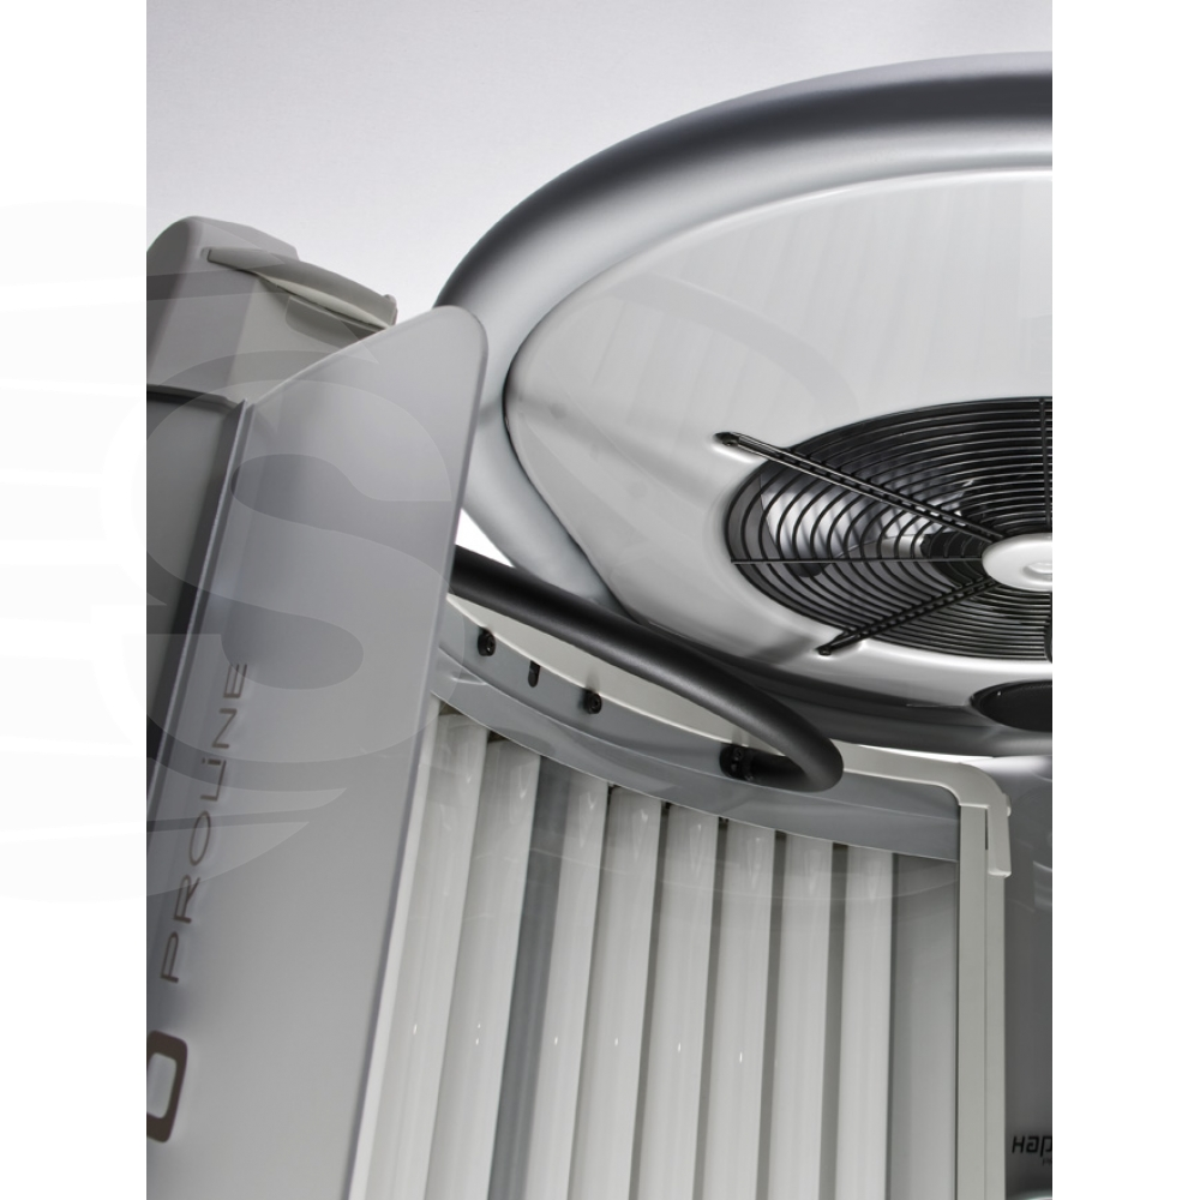 Centrale ventilatore di estrazione e altoparlanti per Proline 28 V e 28 V per la cpu -